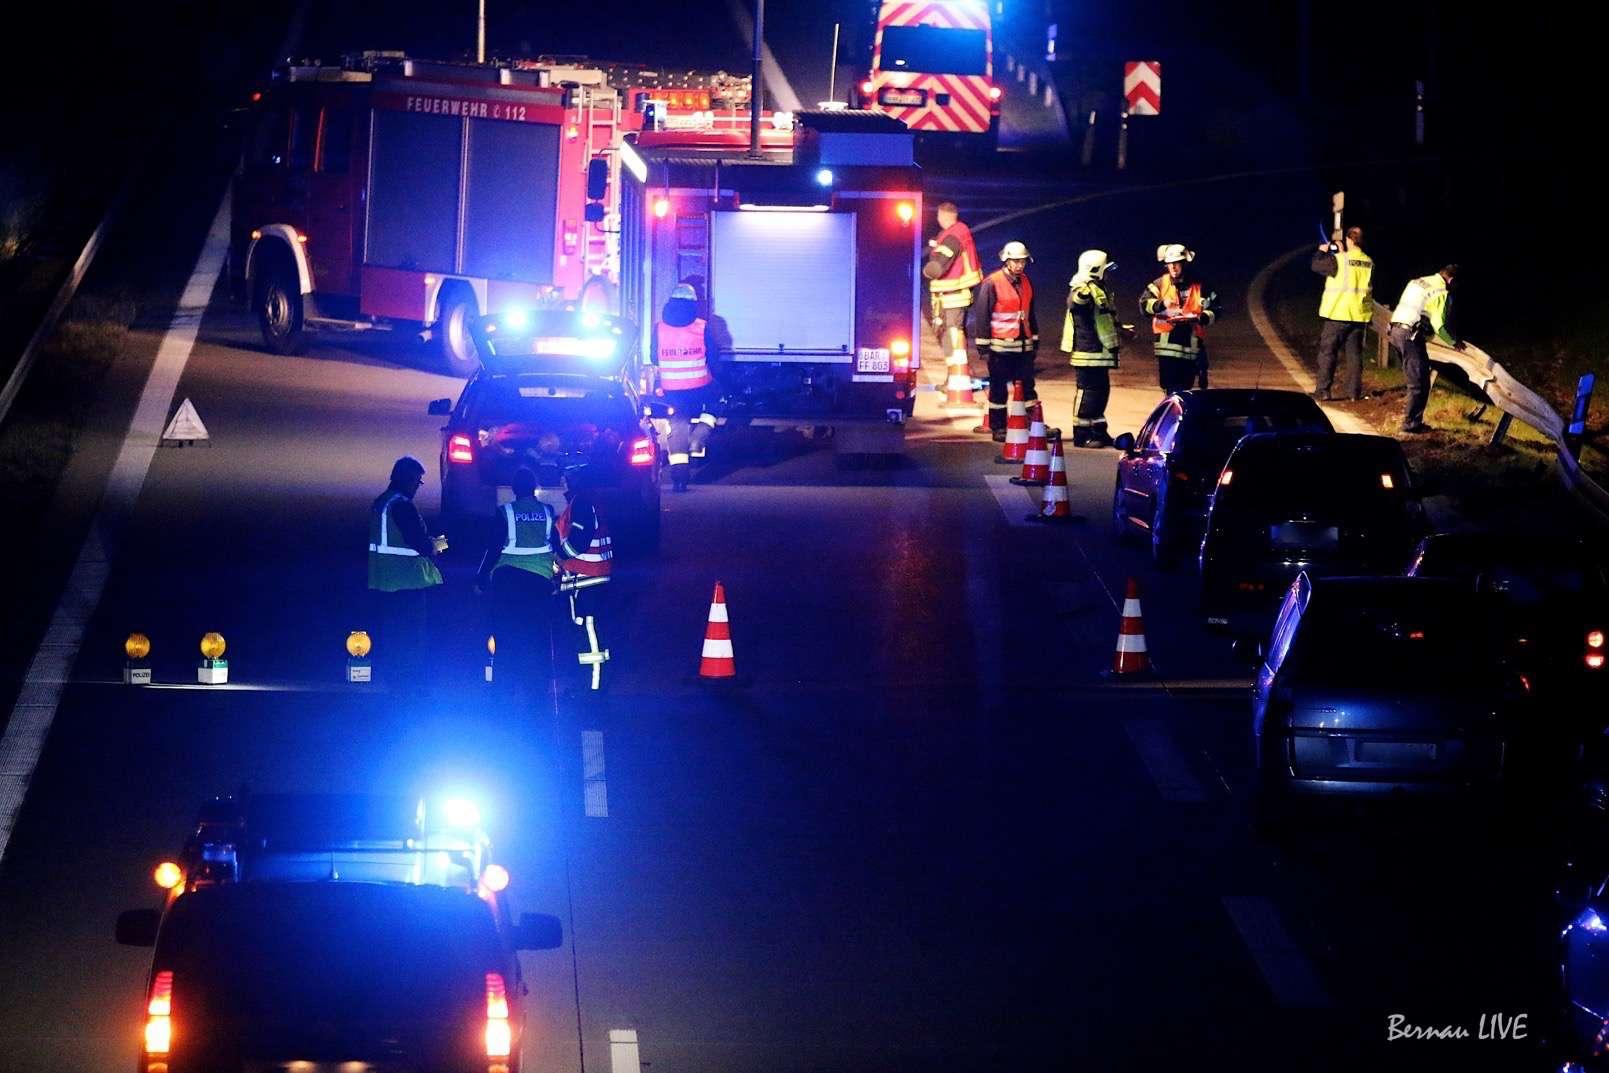 Bernau - Barnim: Idee der Feuerwehr wird umgesetzt - Markierungen auf Autobahnen